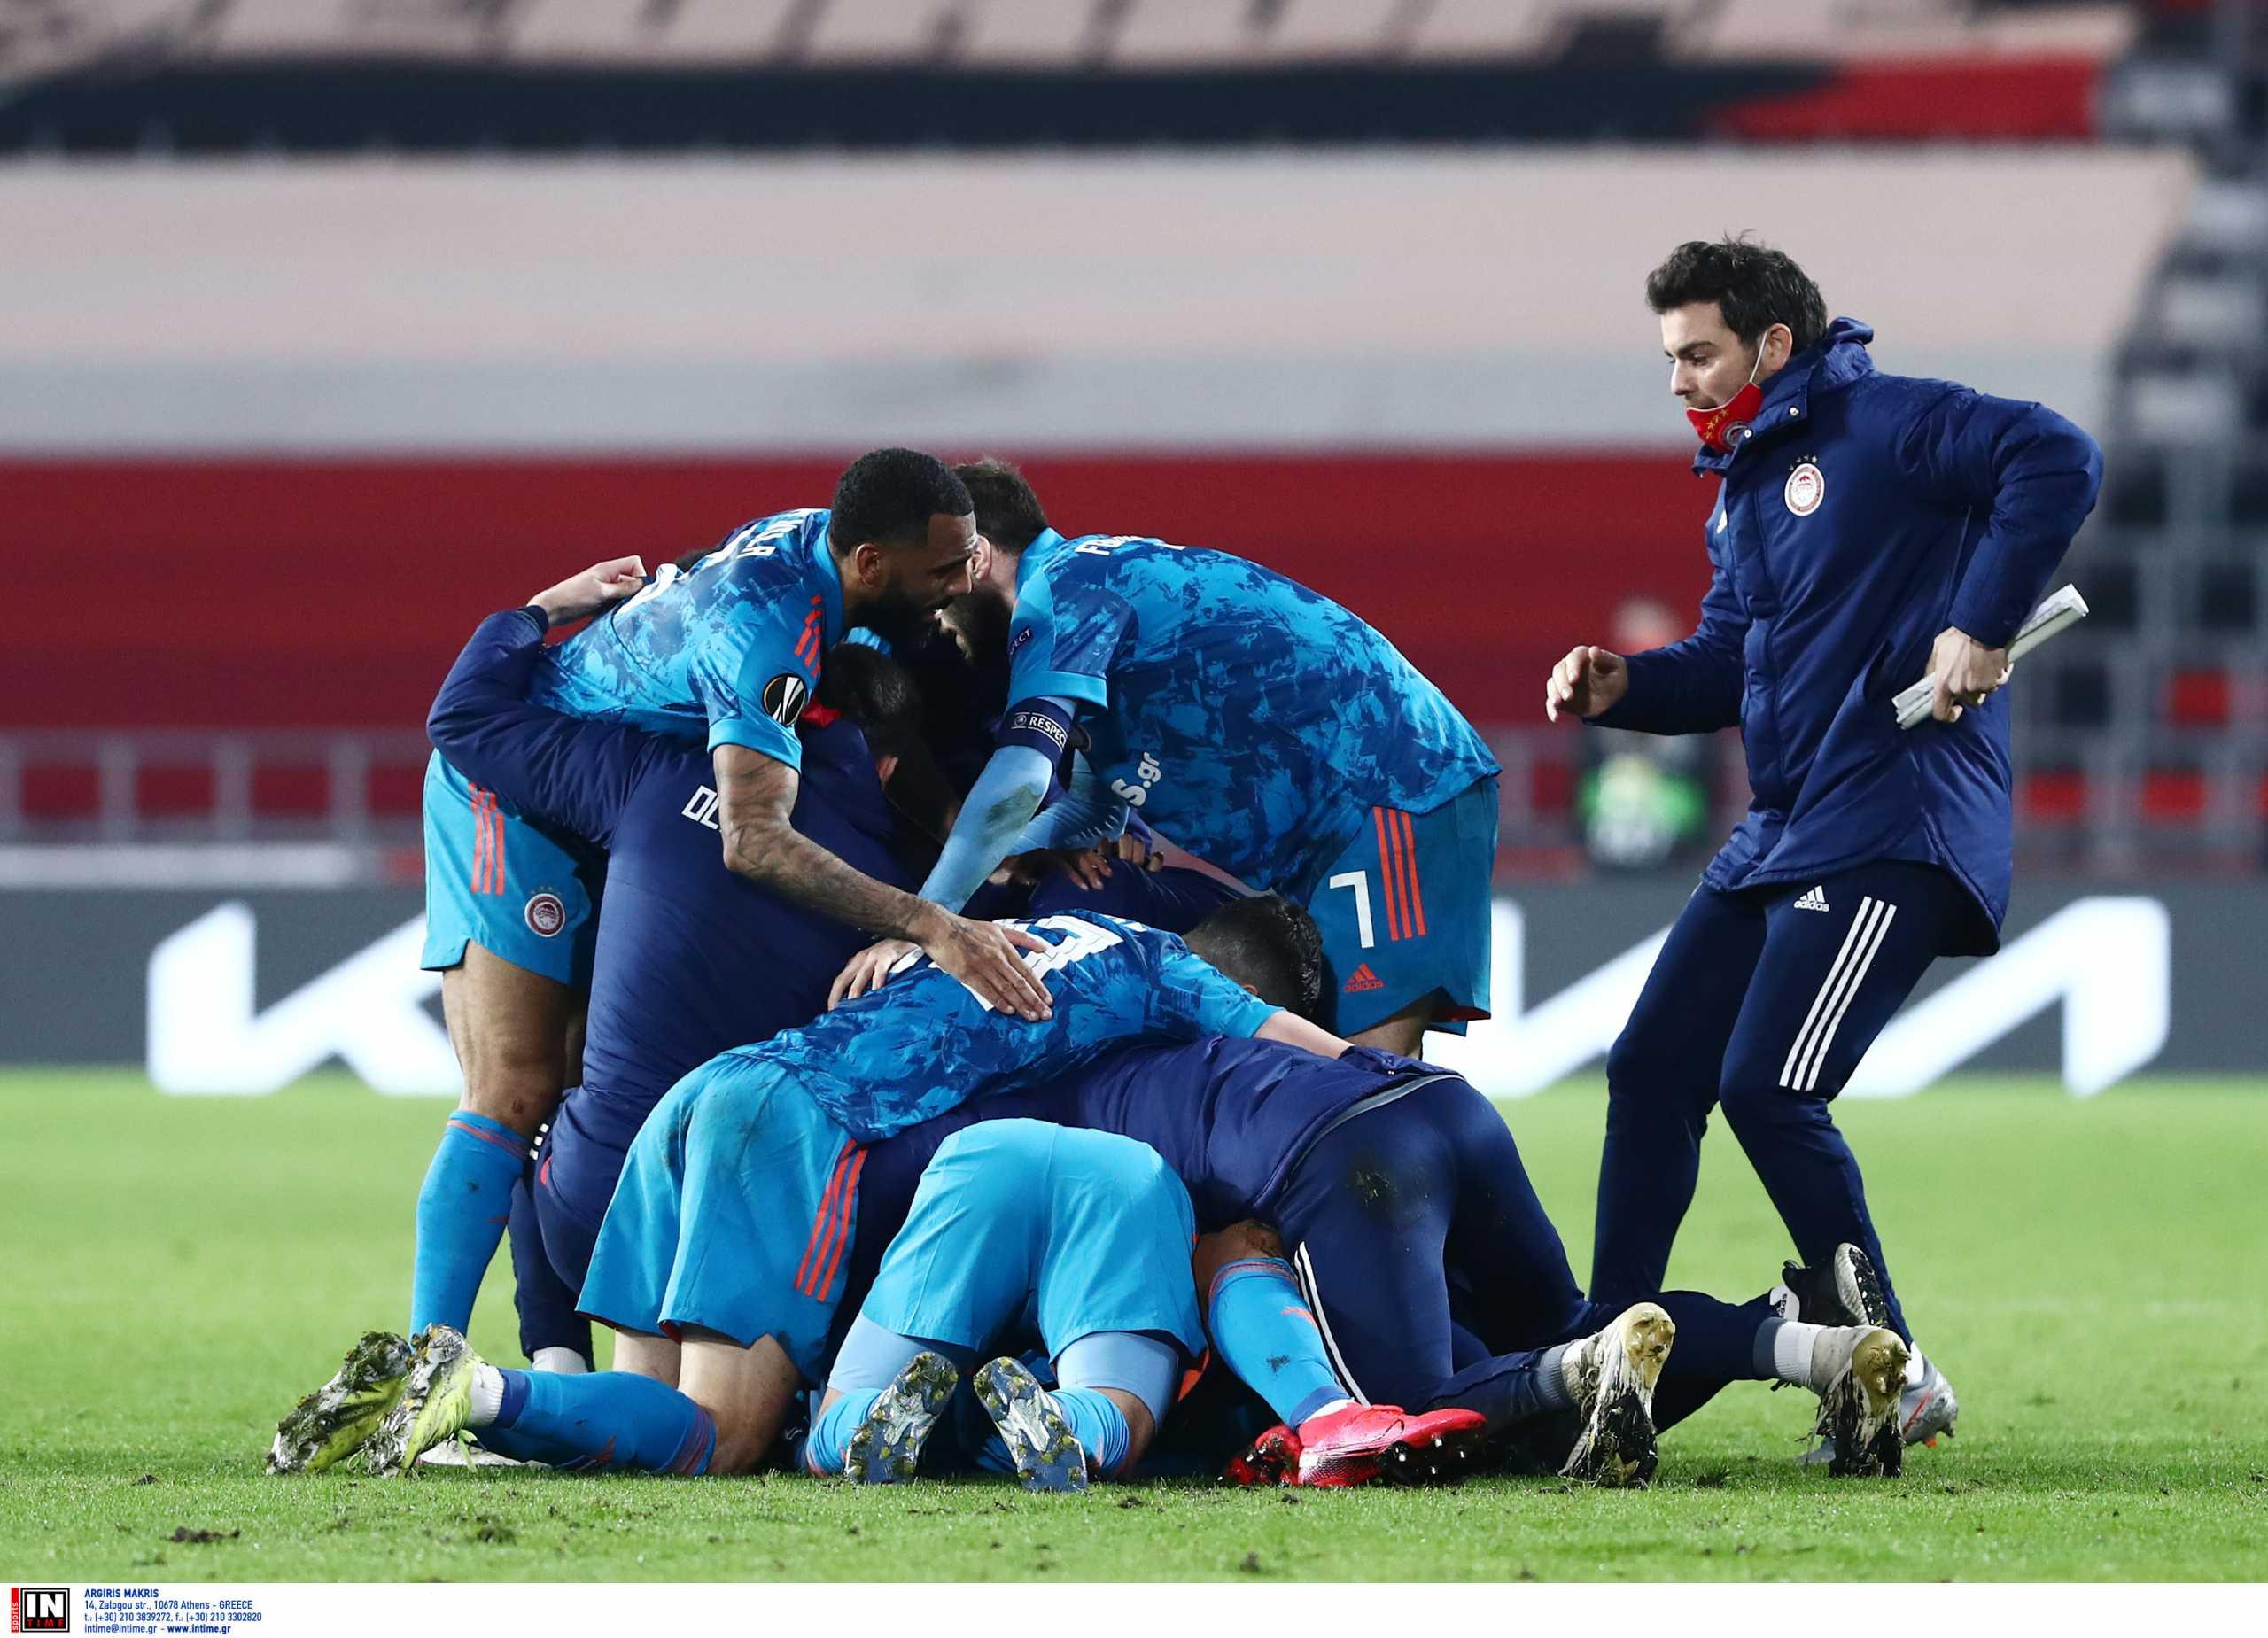 Ολυμπιακός: Οι πιθανοί αντίπαλοι στους «16» του Europa League